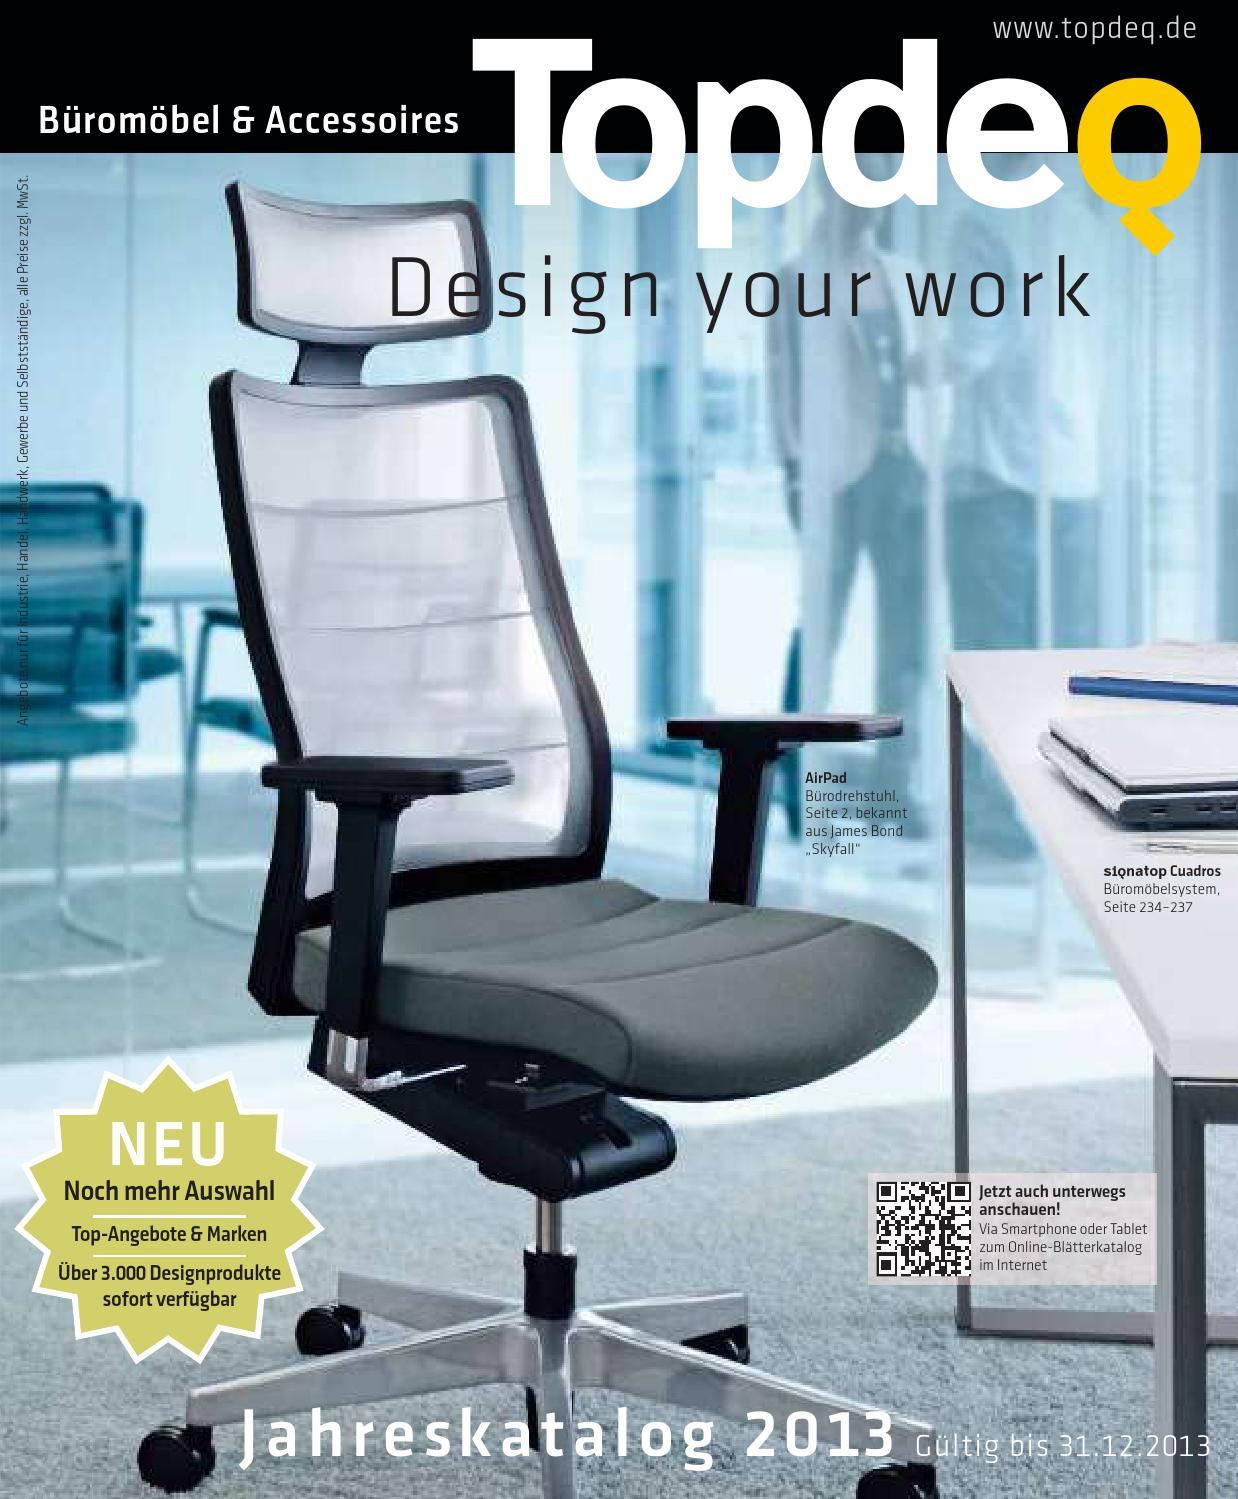 Topdeq - Jahreskatalog 2013 by Topdeq Design Your Work - issuu